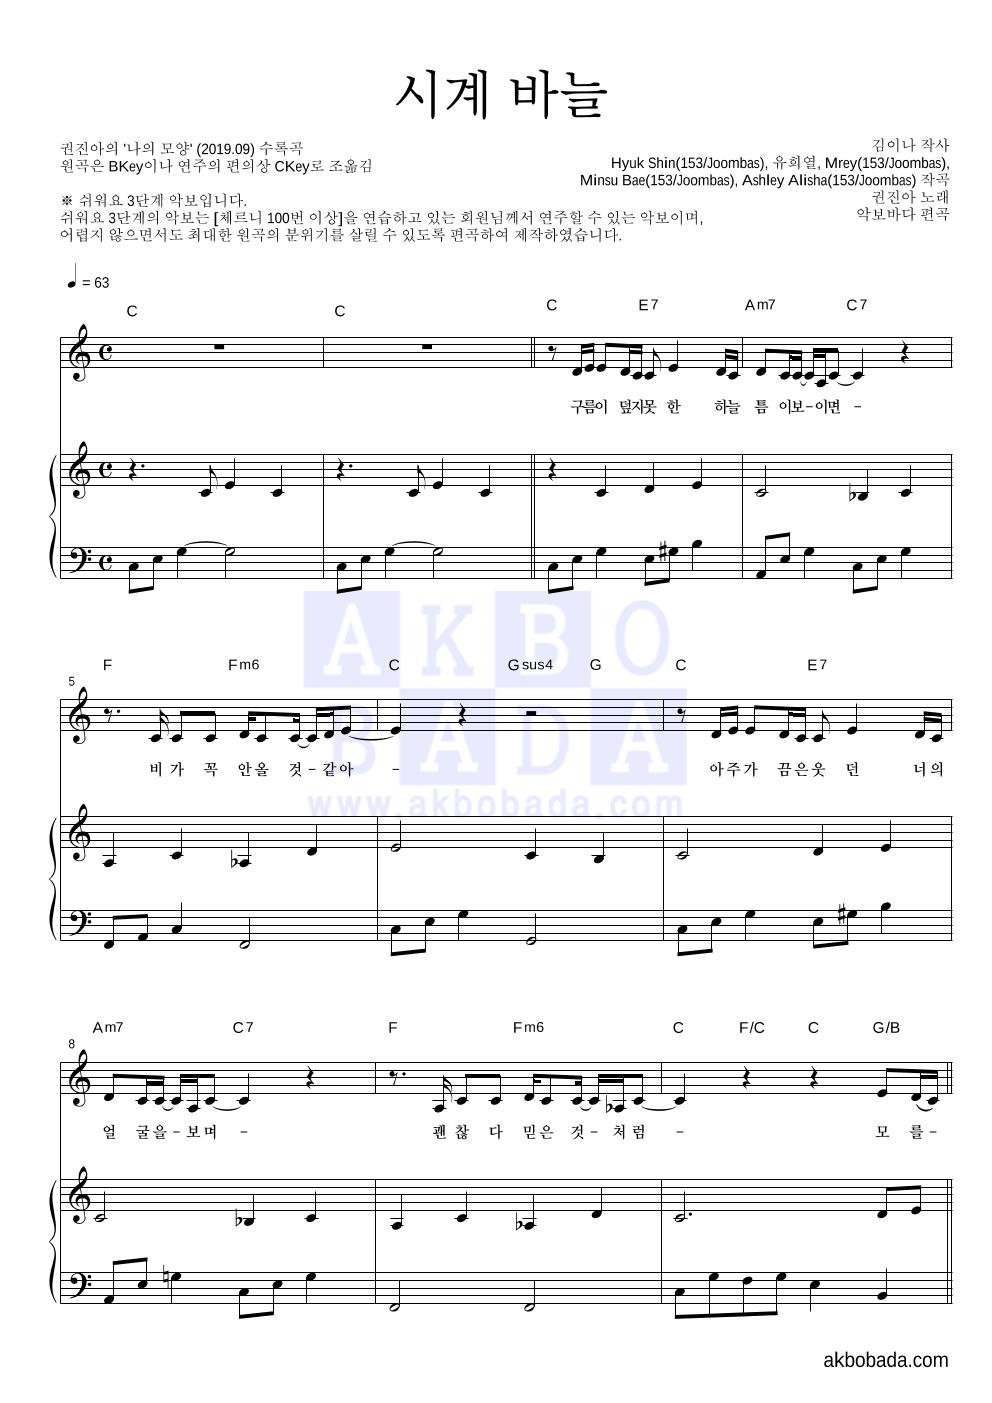 권진아 - 시계 바늘 피아노3단-쉬워요 악보